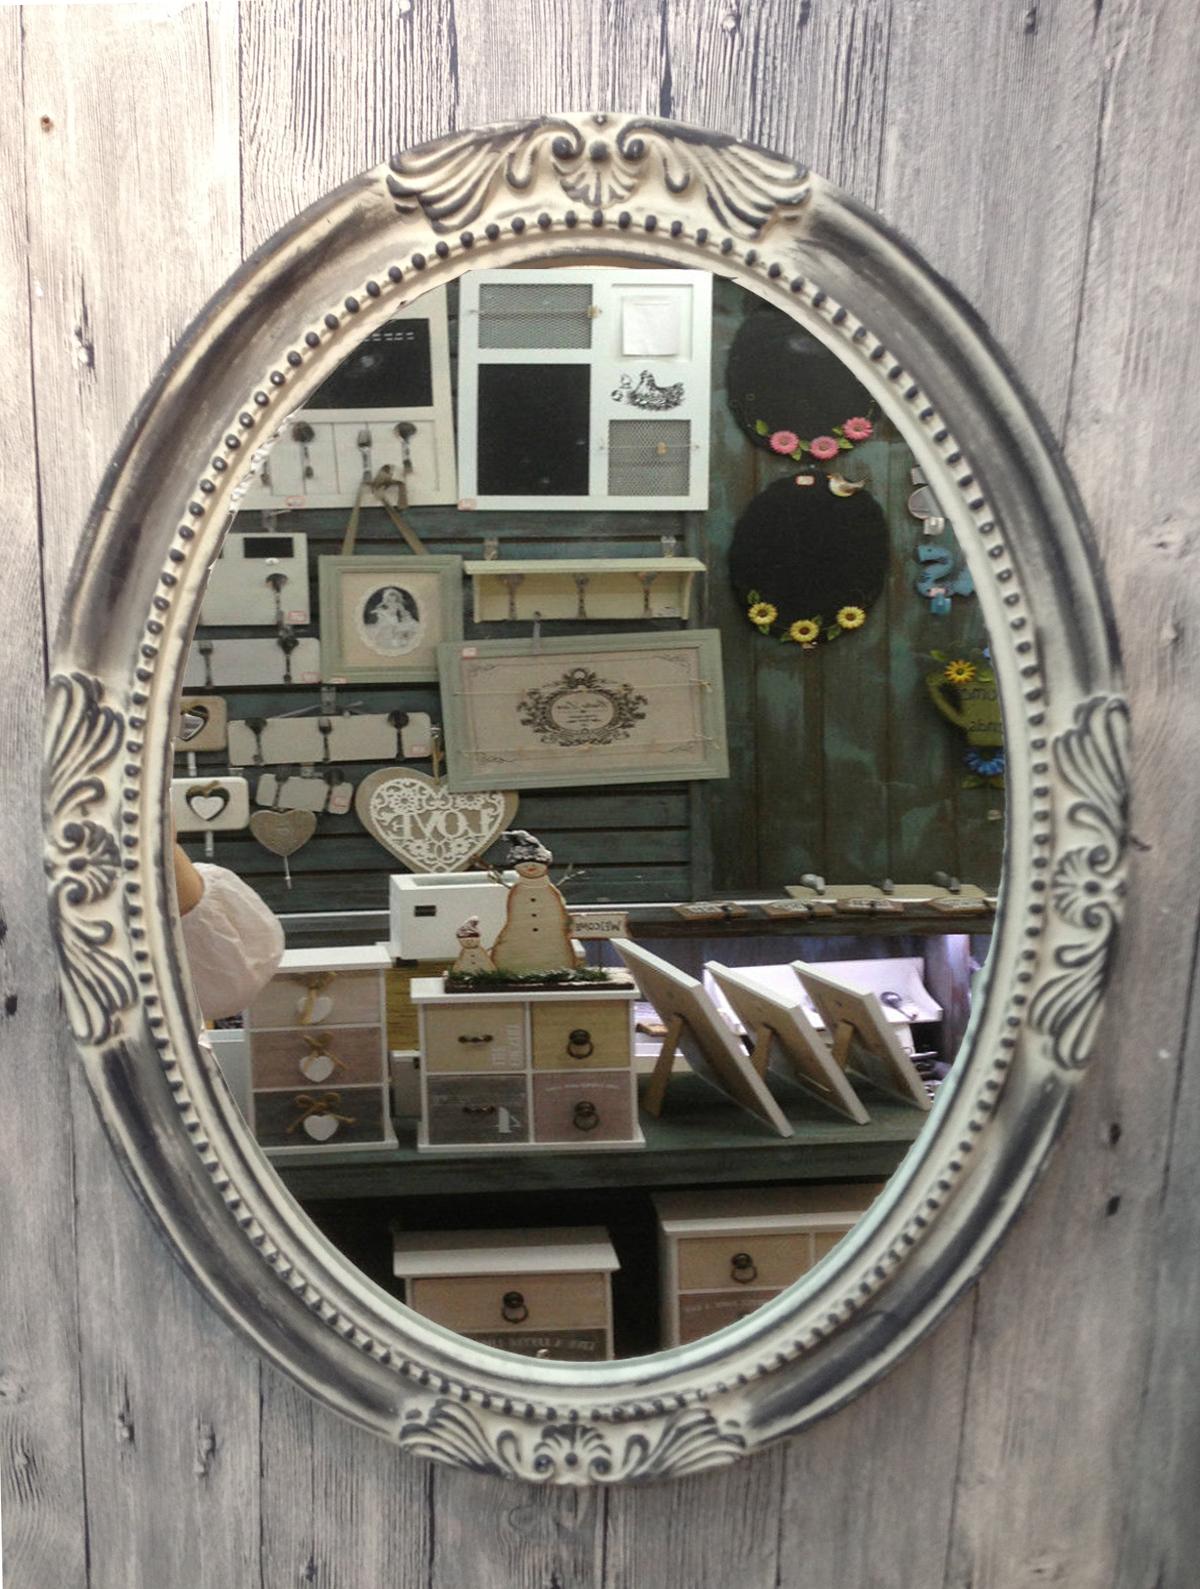 Charmanter landhaus holz 64 cm wandspiegel 18 2 spiegel antik garderobenspiegel ebay - Landhaus wandspiegel ...